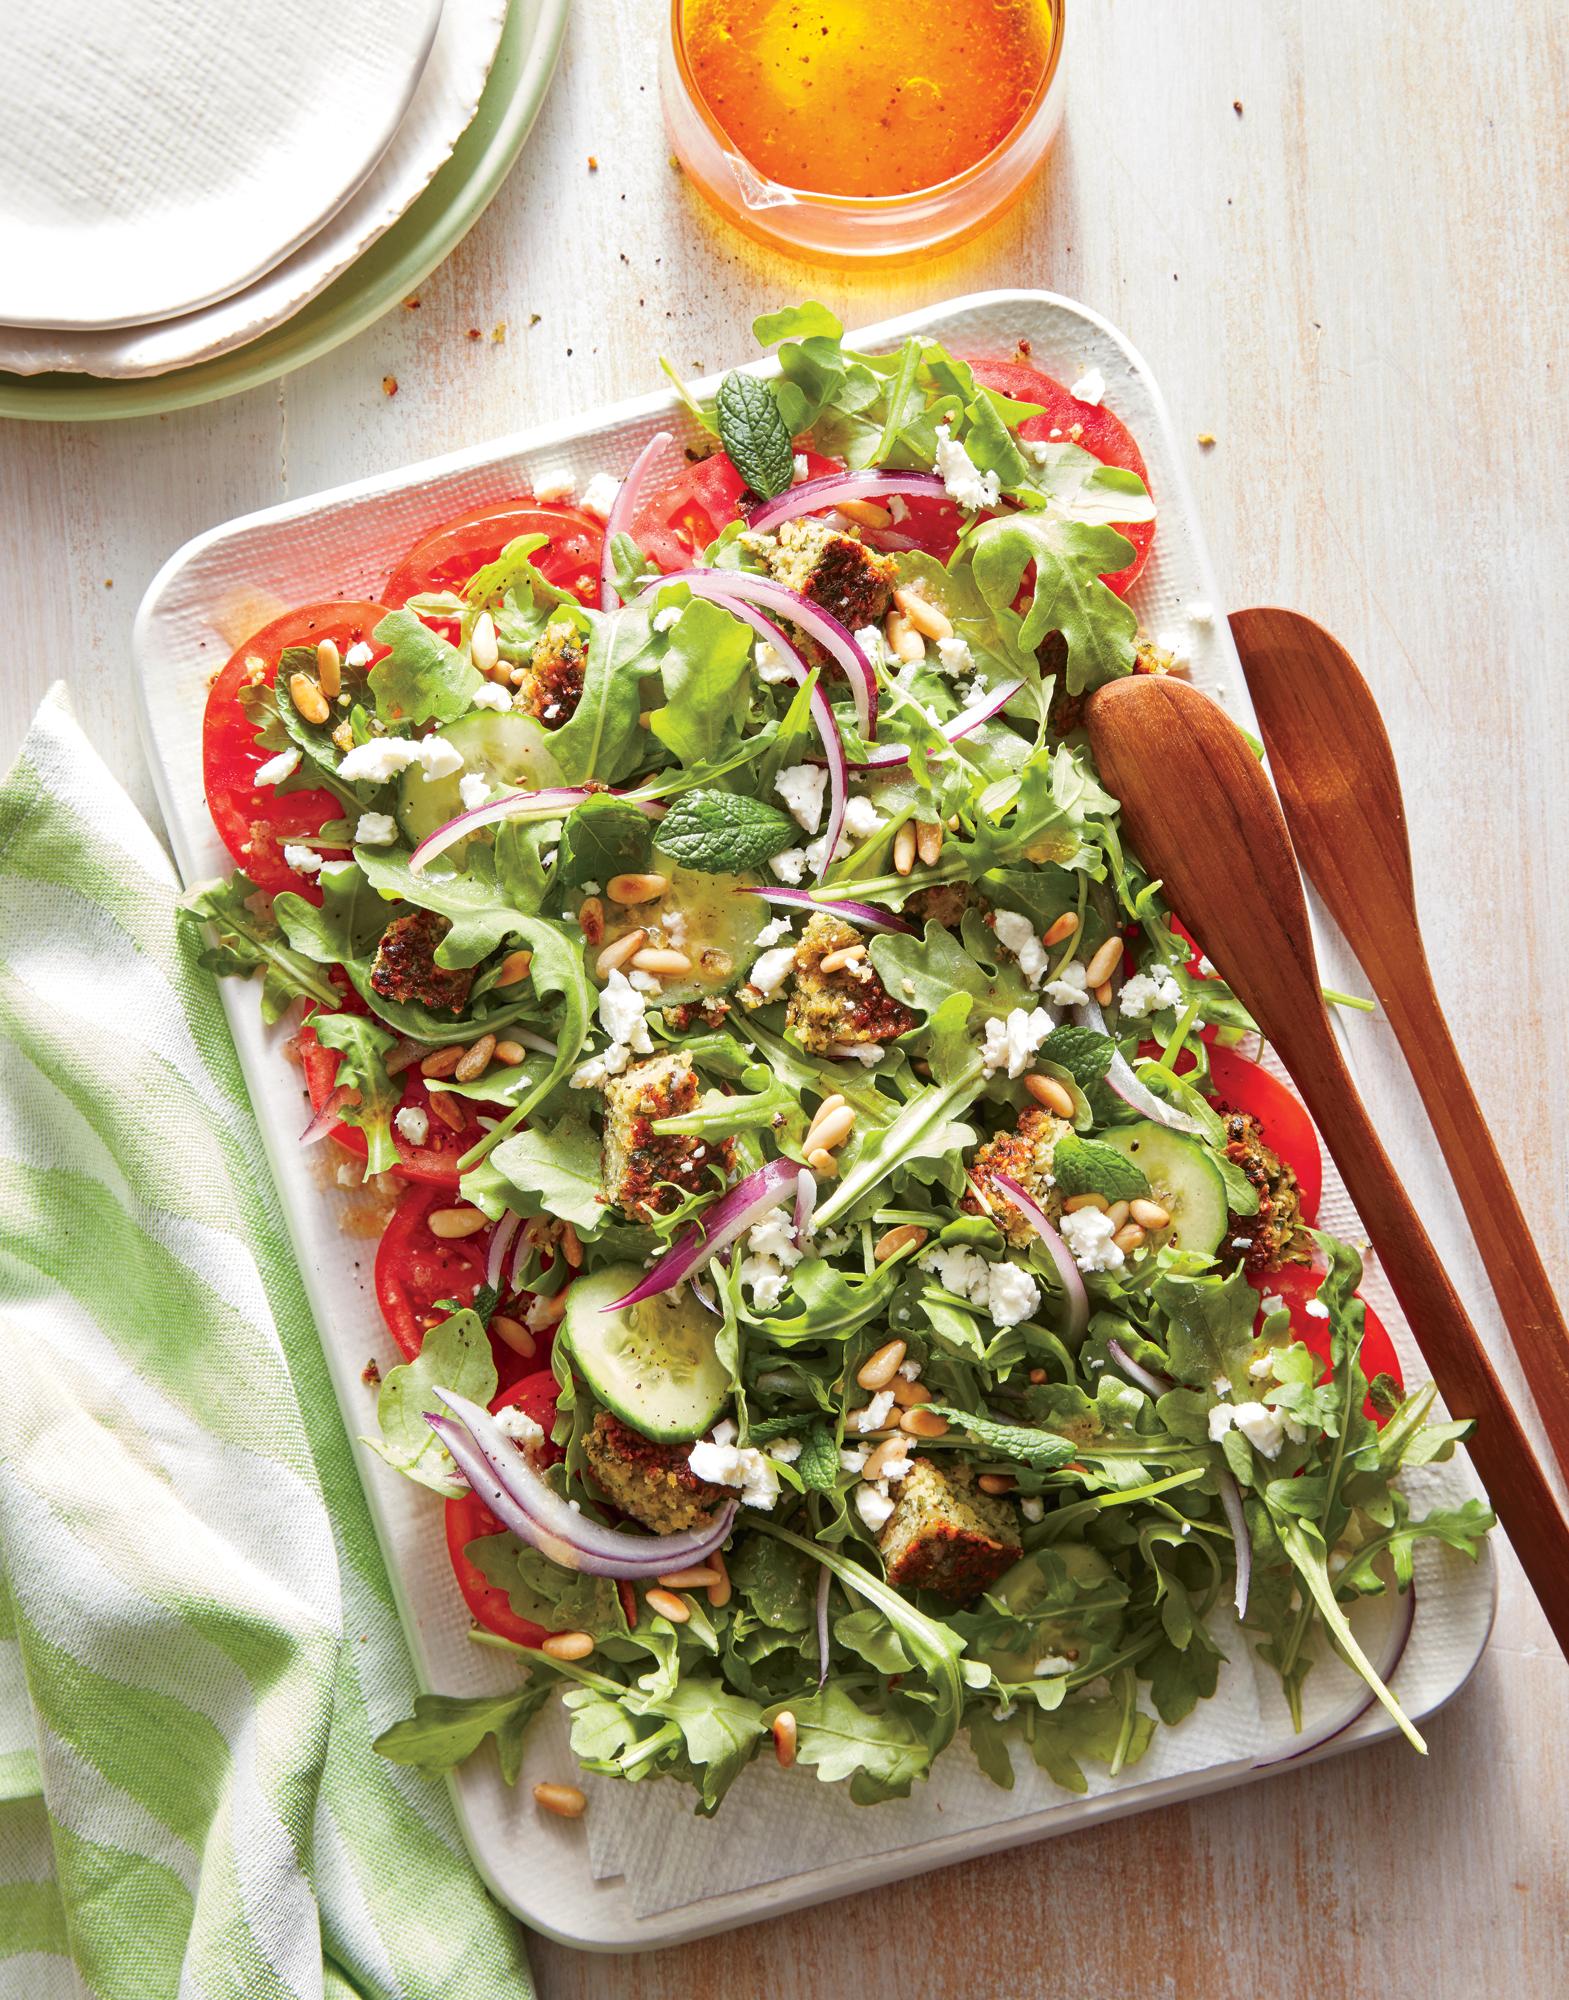 Falafel, Feta, and Tomato Salad